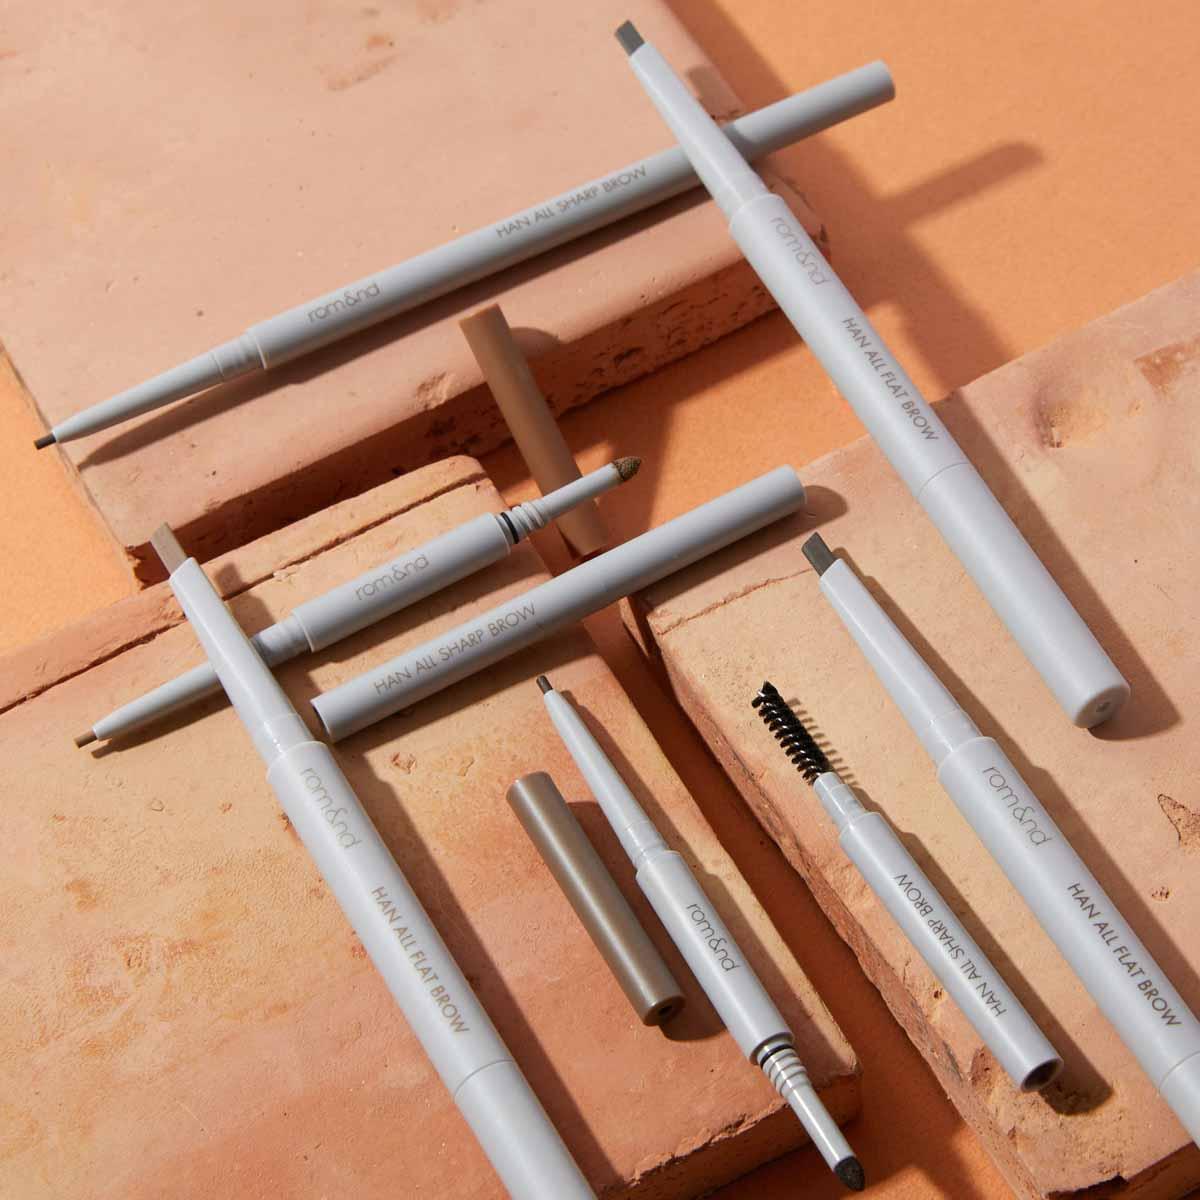 rom&nd(ロムアンド)『ハンオールシャープブロウ w3 メリーブロンディー』の使用感をレポに関する画像1